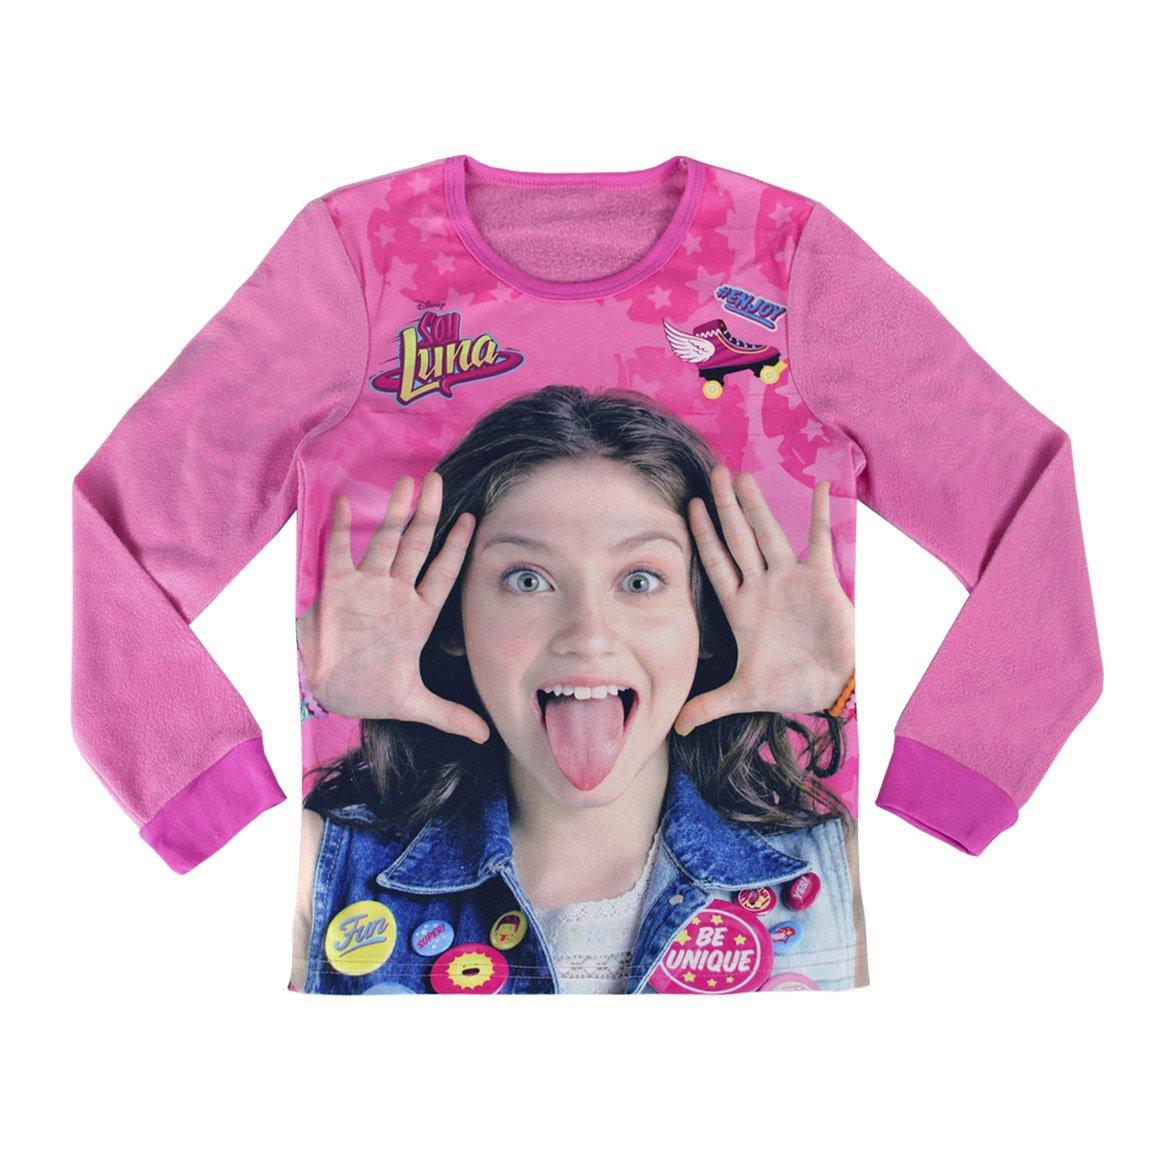 SOY LUNA pijama manga larga 2 piezas interlock 100% algodón (6 años): Amazon.es: Ropa y accesorios